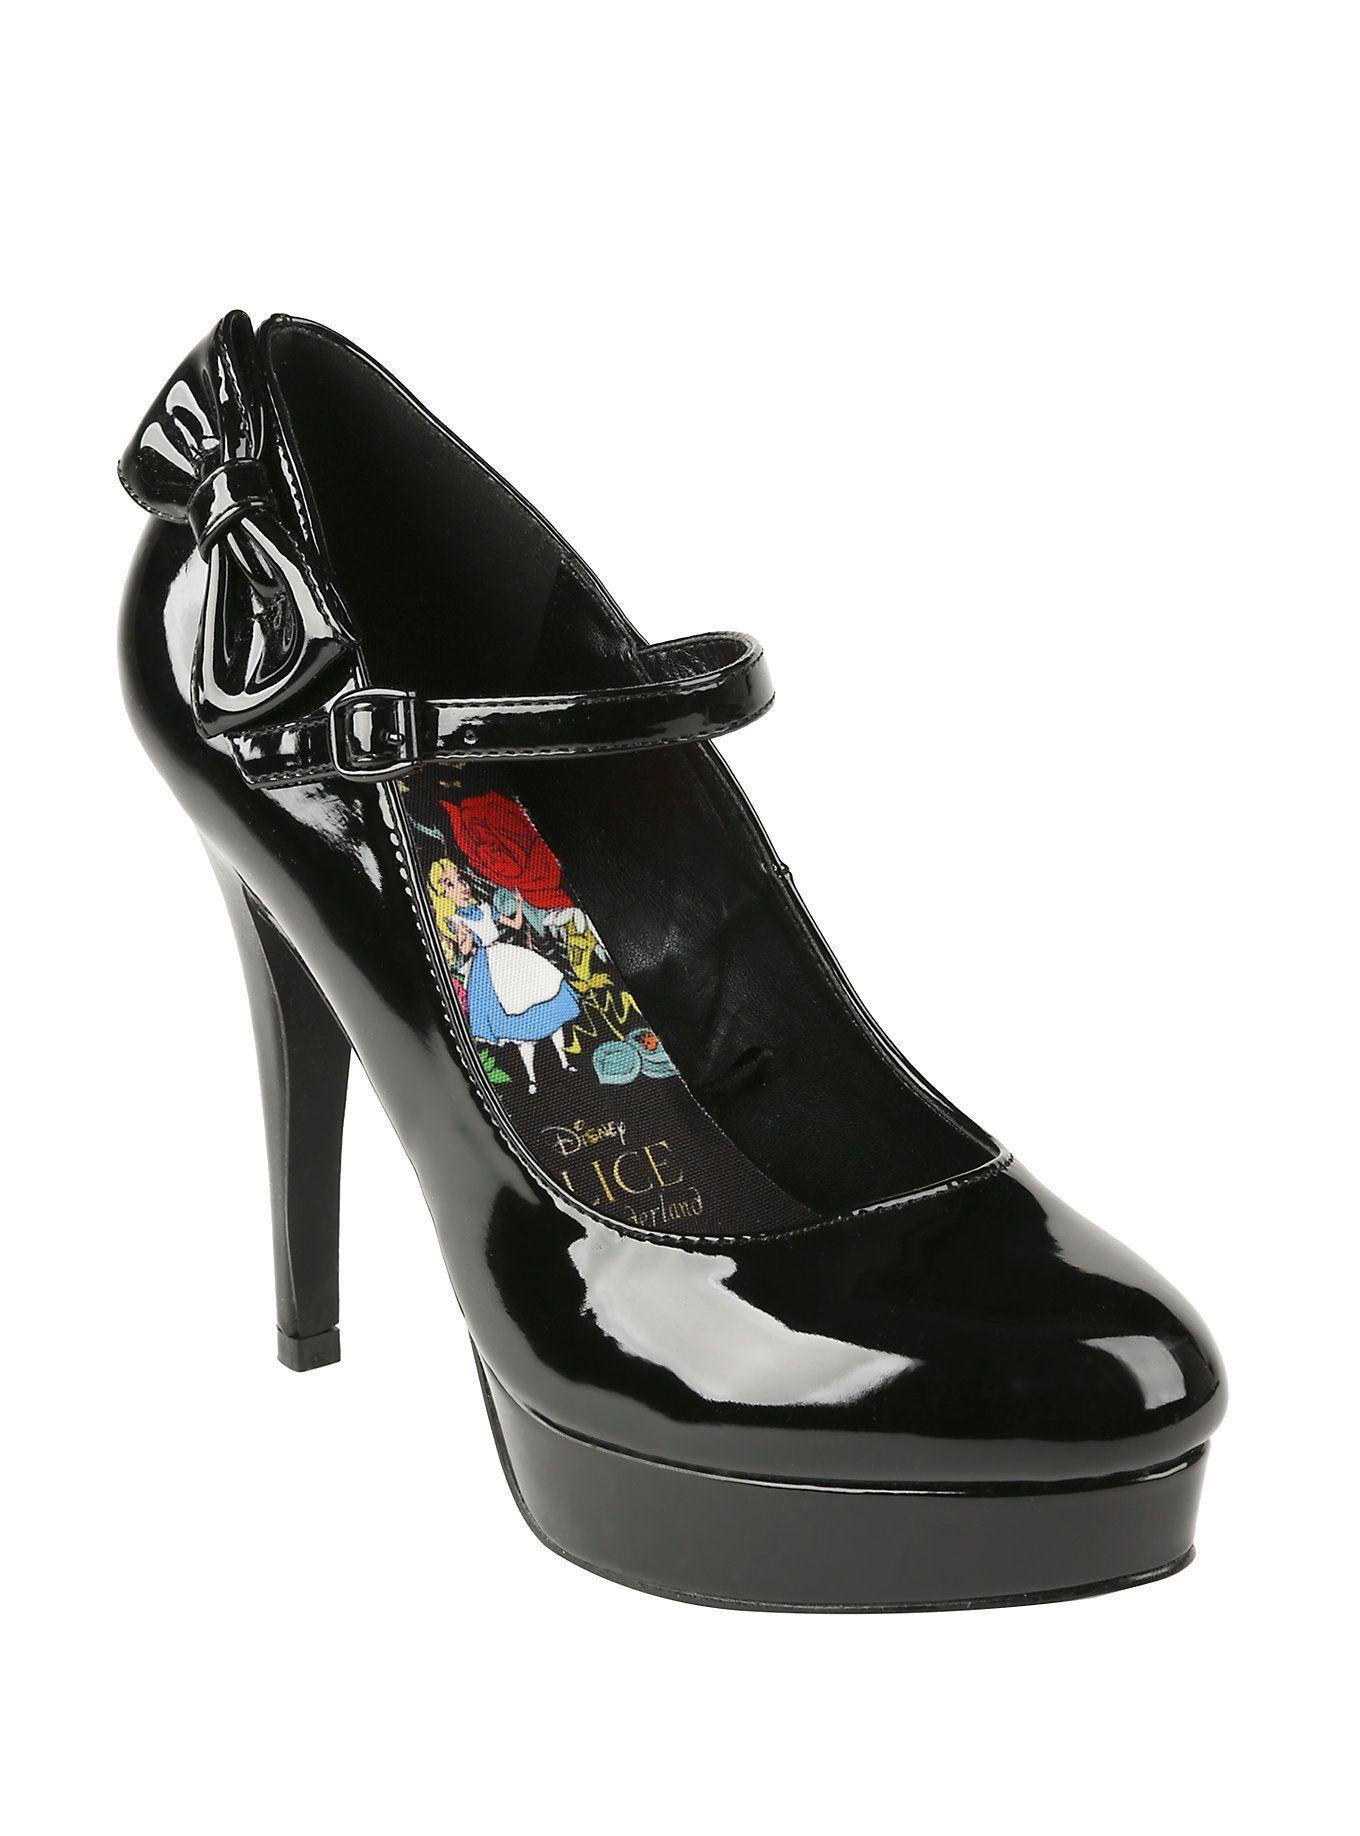 1af2e3ddc0e Disney Alice In Wonderland Black Mary Jane Heel